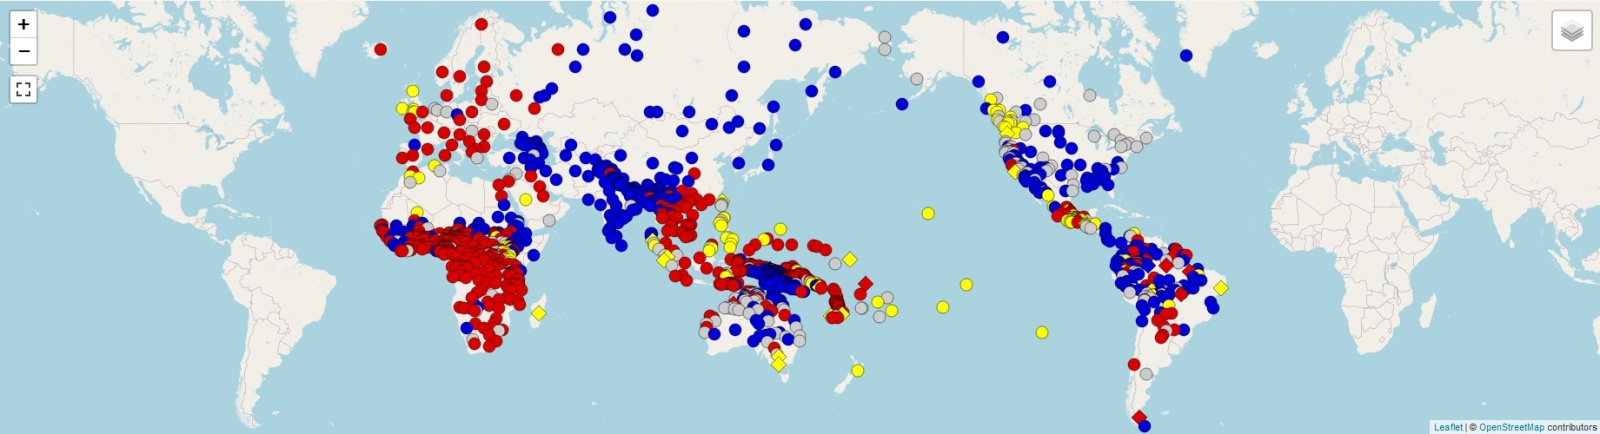 Интерактивная подробная карта порядка слов в языках мира